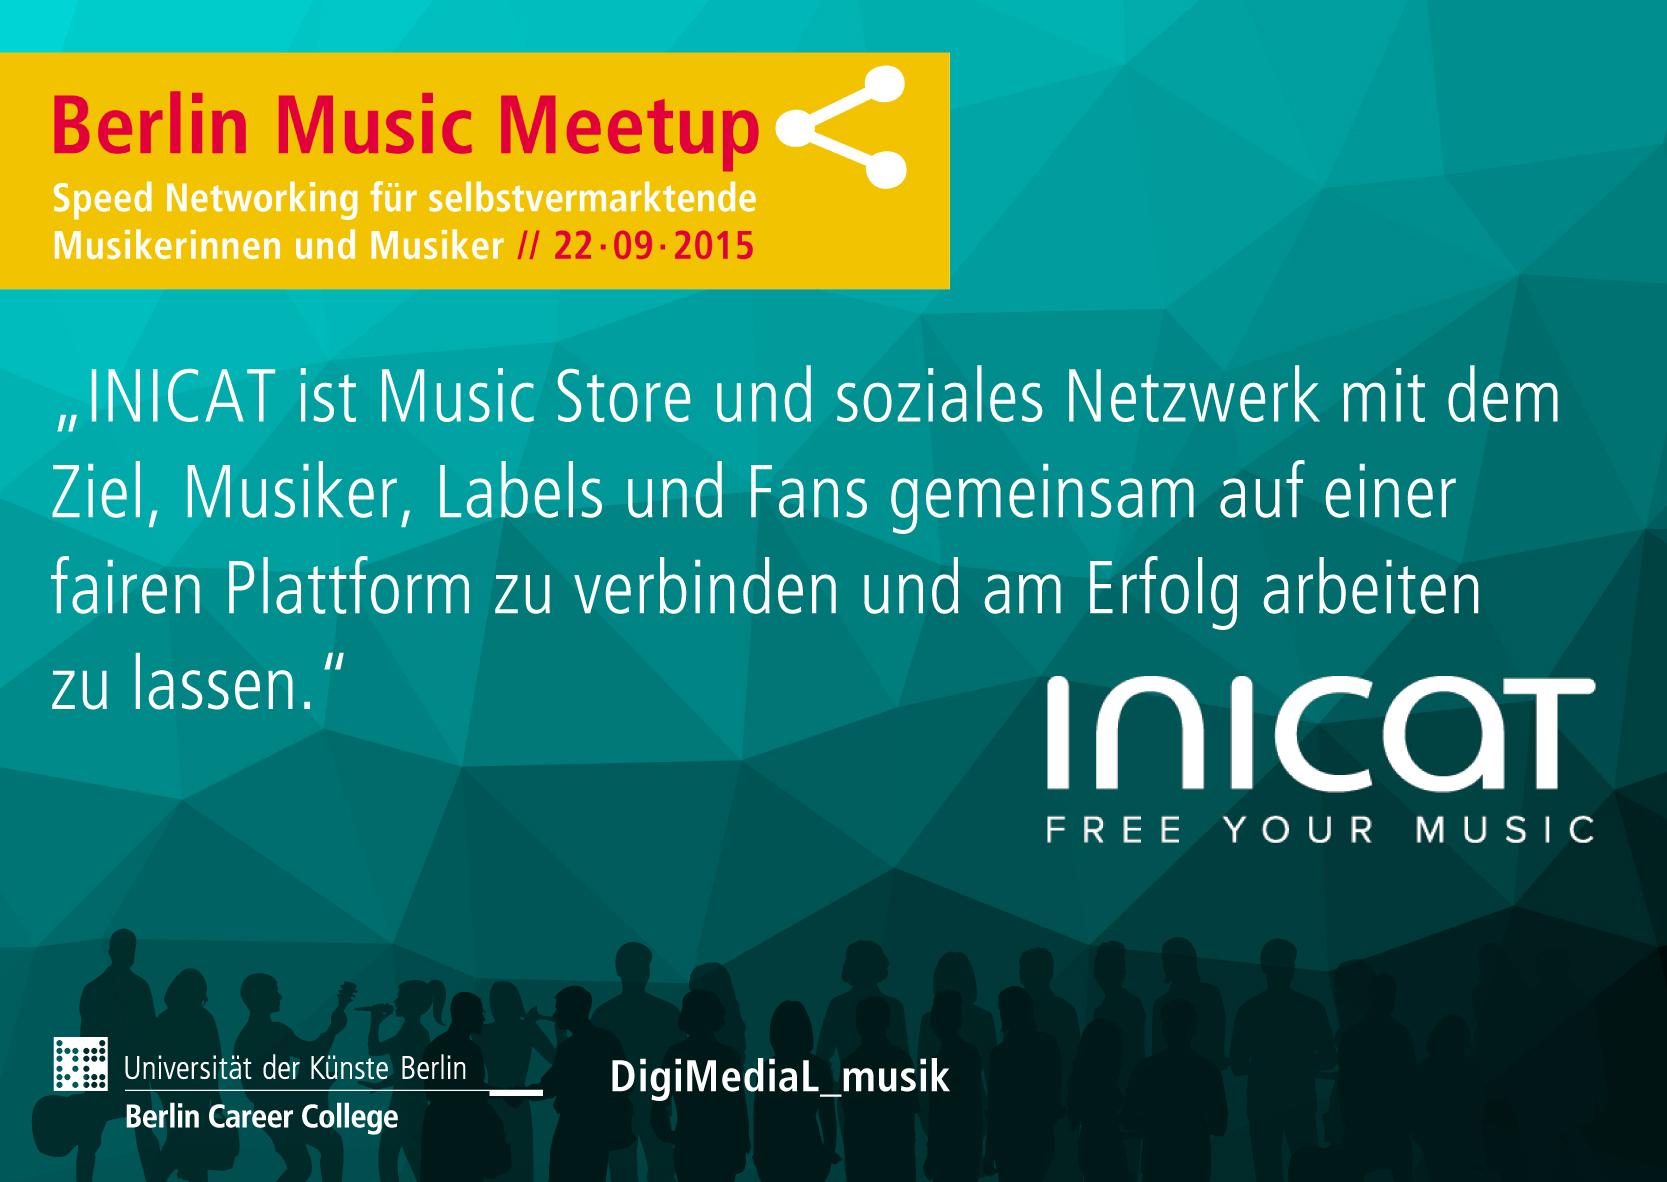 berlin_music_meetup_web_flyer_inicat